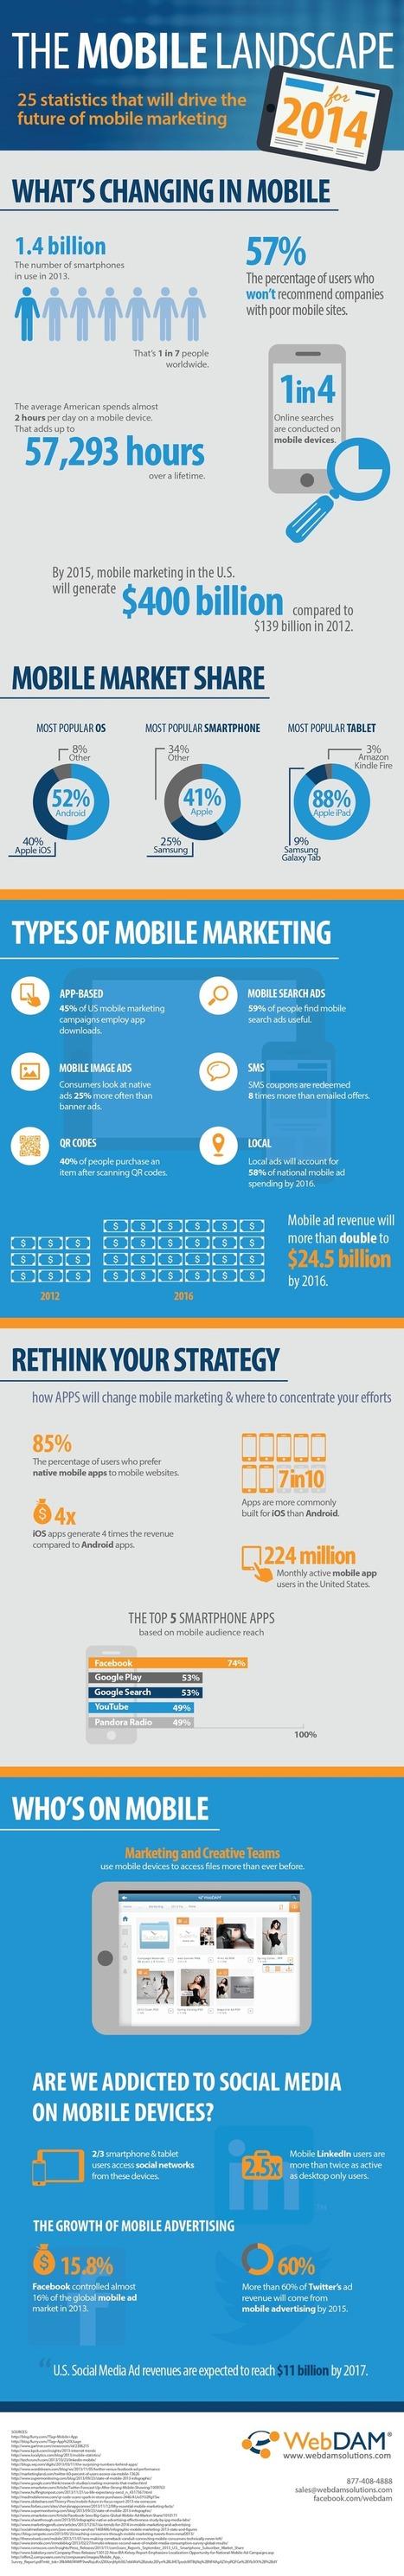 25 chiffres qui montrent l'importance du marketing mobile - #Arobasenet | Web 2.0 infos | Scoop.it